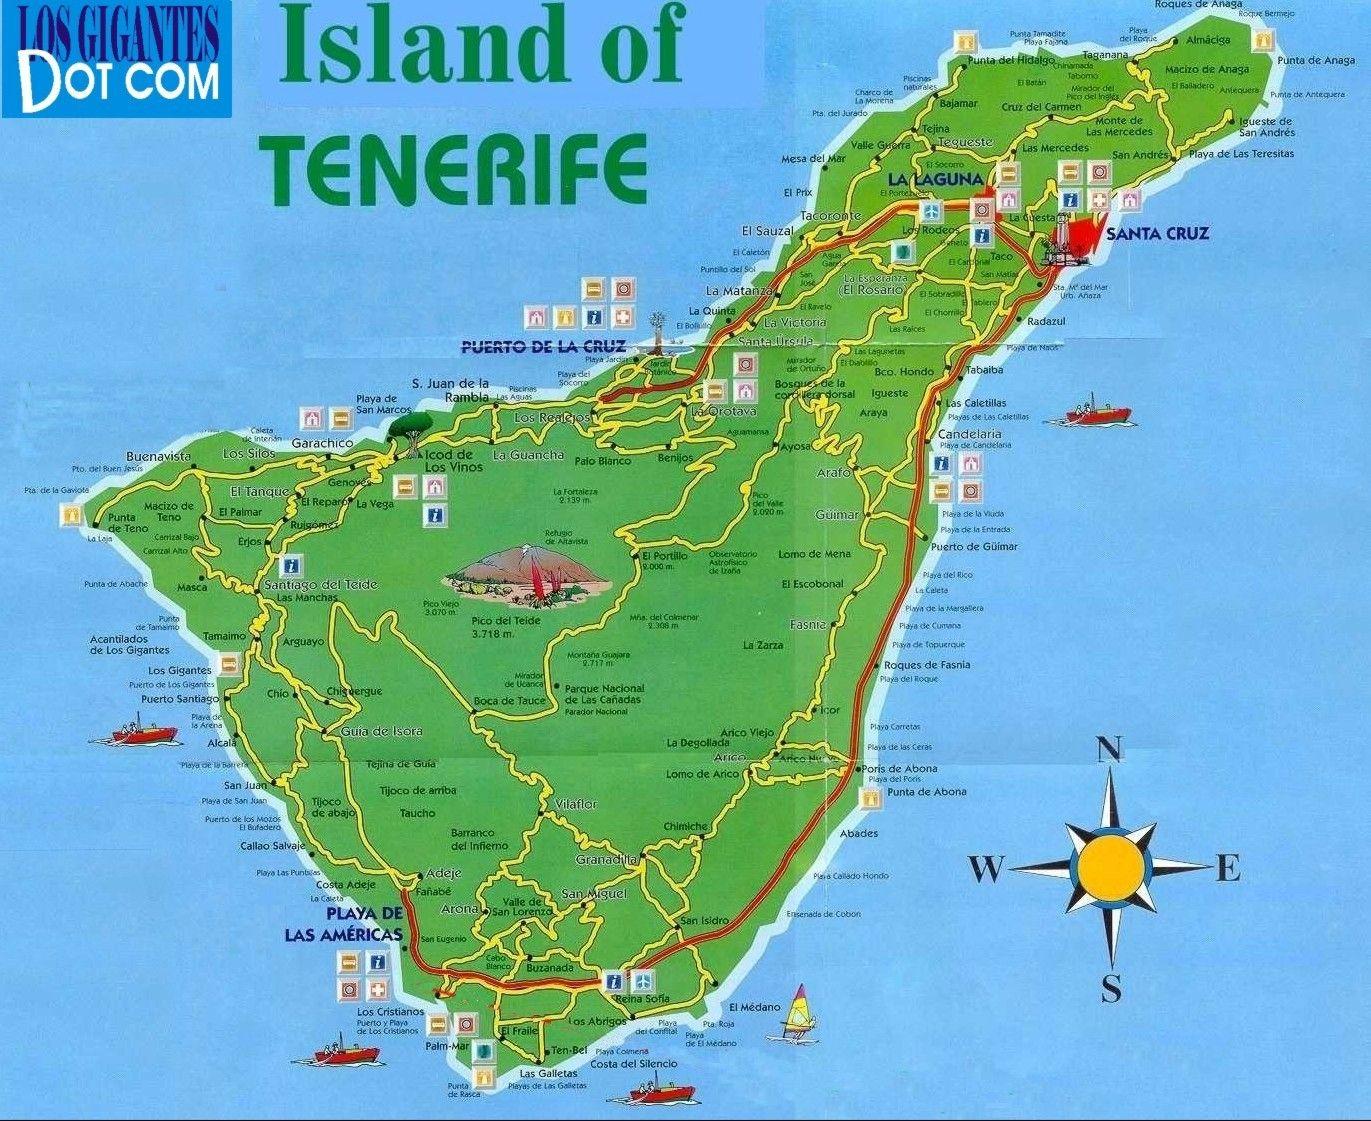 Google Image Result For Http Www Losgigantes Com Images Maps Page Tenerife Fullmap Jpg Canarische Eilanden Tenerife Vakanties